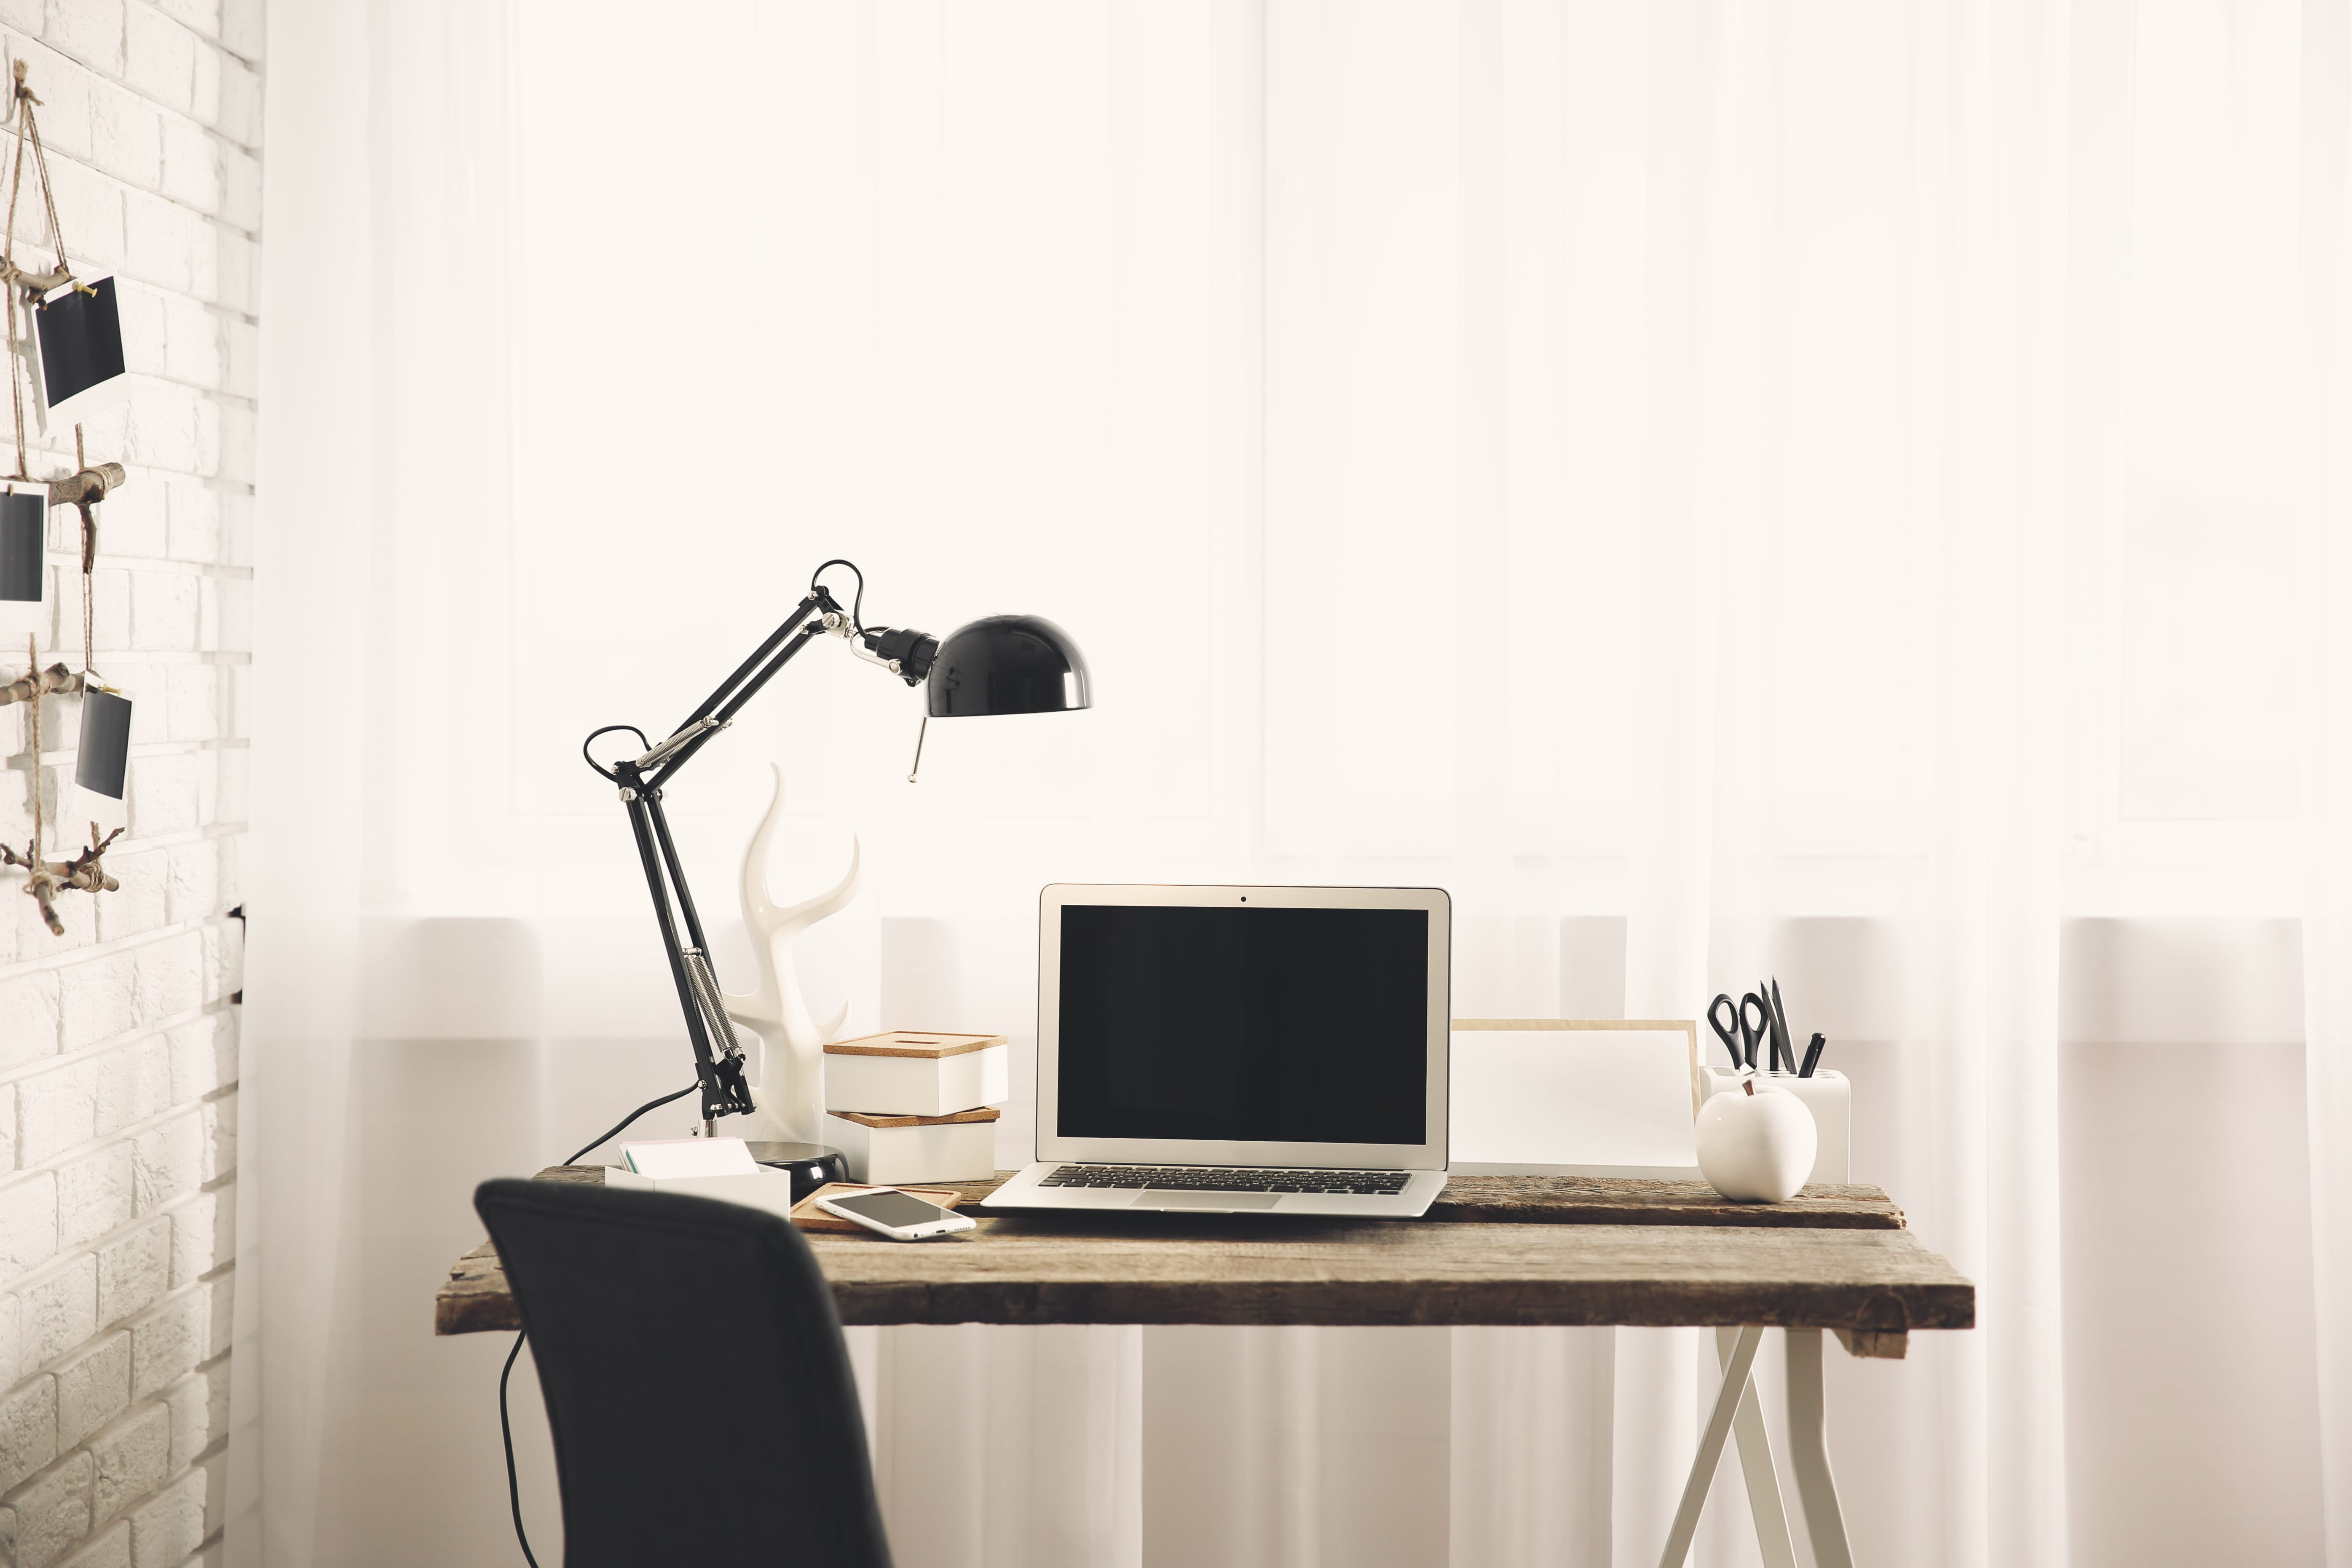 beleuchtung im arbeitszimmer 3 tipps die verraten worauf es ankommt. Black Bedroom Furniture Sets. Home Design Ideas